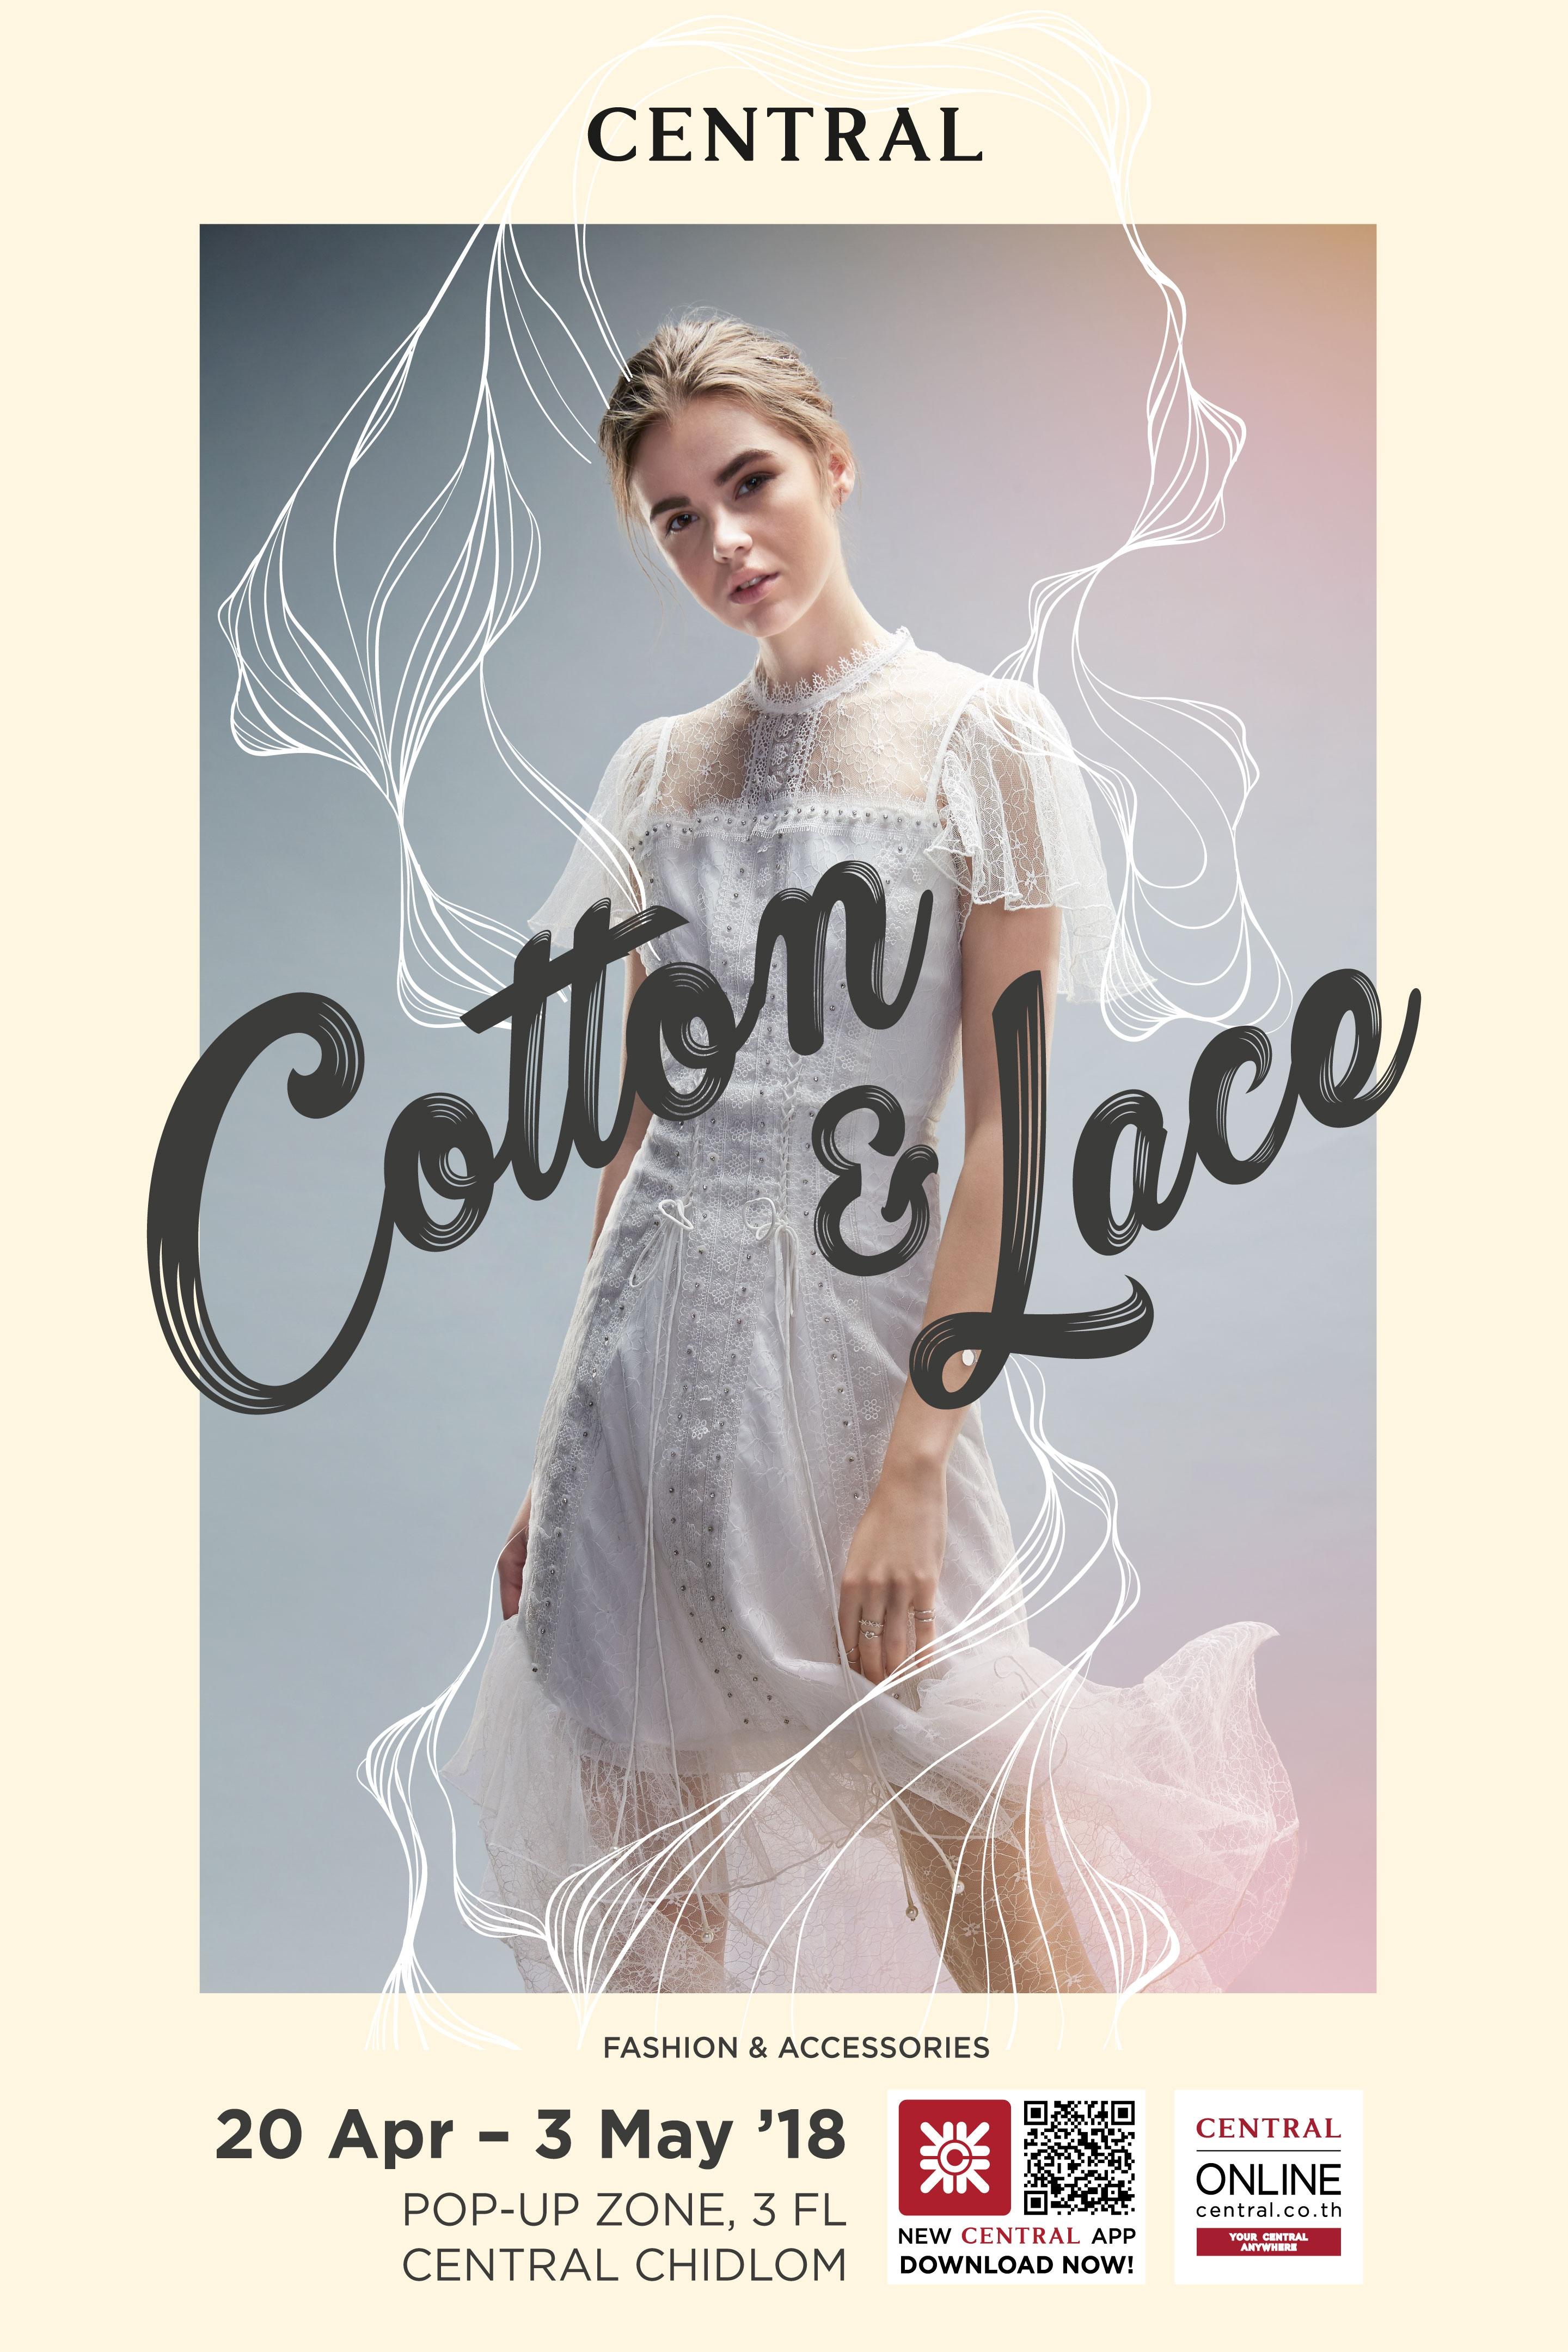 """ห้างเซ็นทรัลชวนเบรคความร้อนรับซัมเมอร์ที่งาน """"Central Cotton& Lace"""" สำนักพิมพ์แม่บ้าน"""